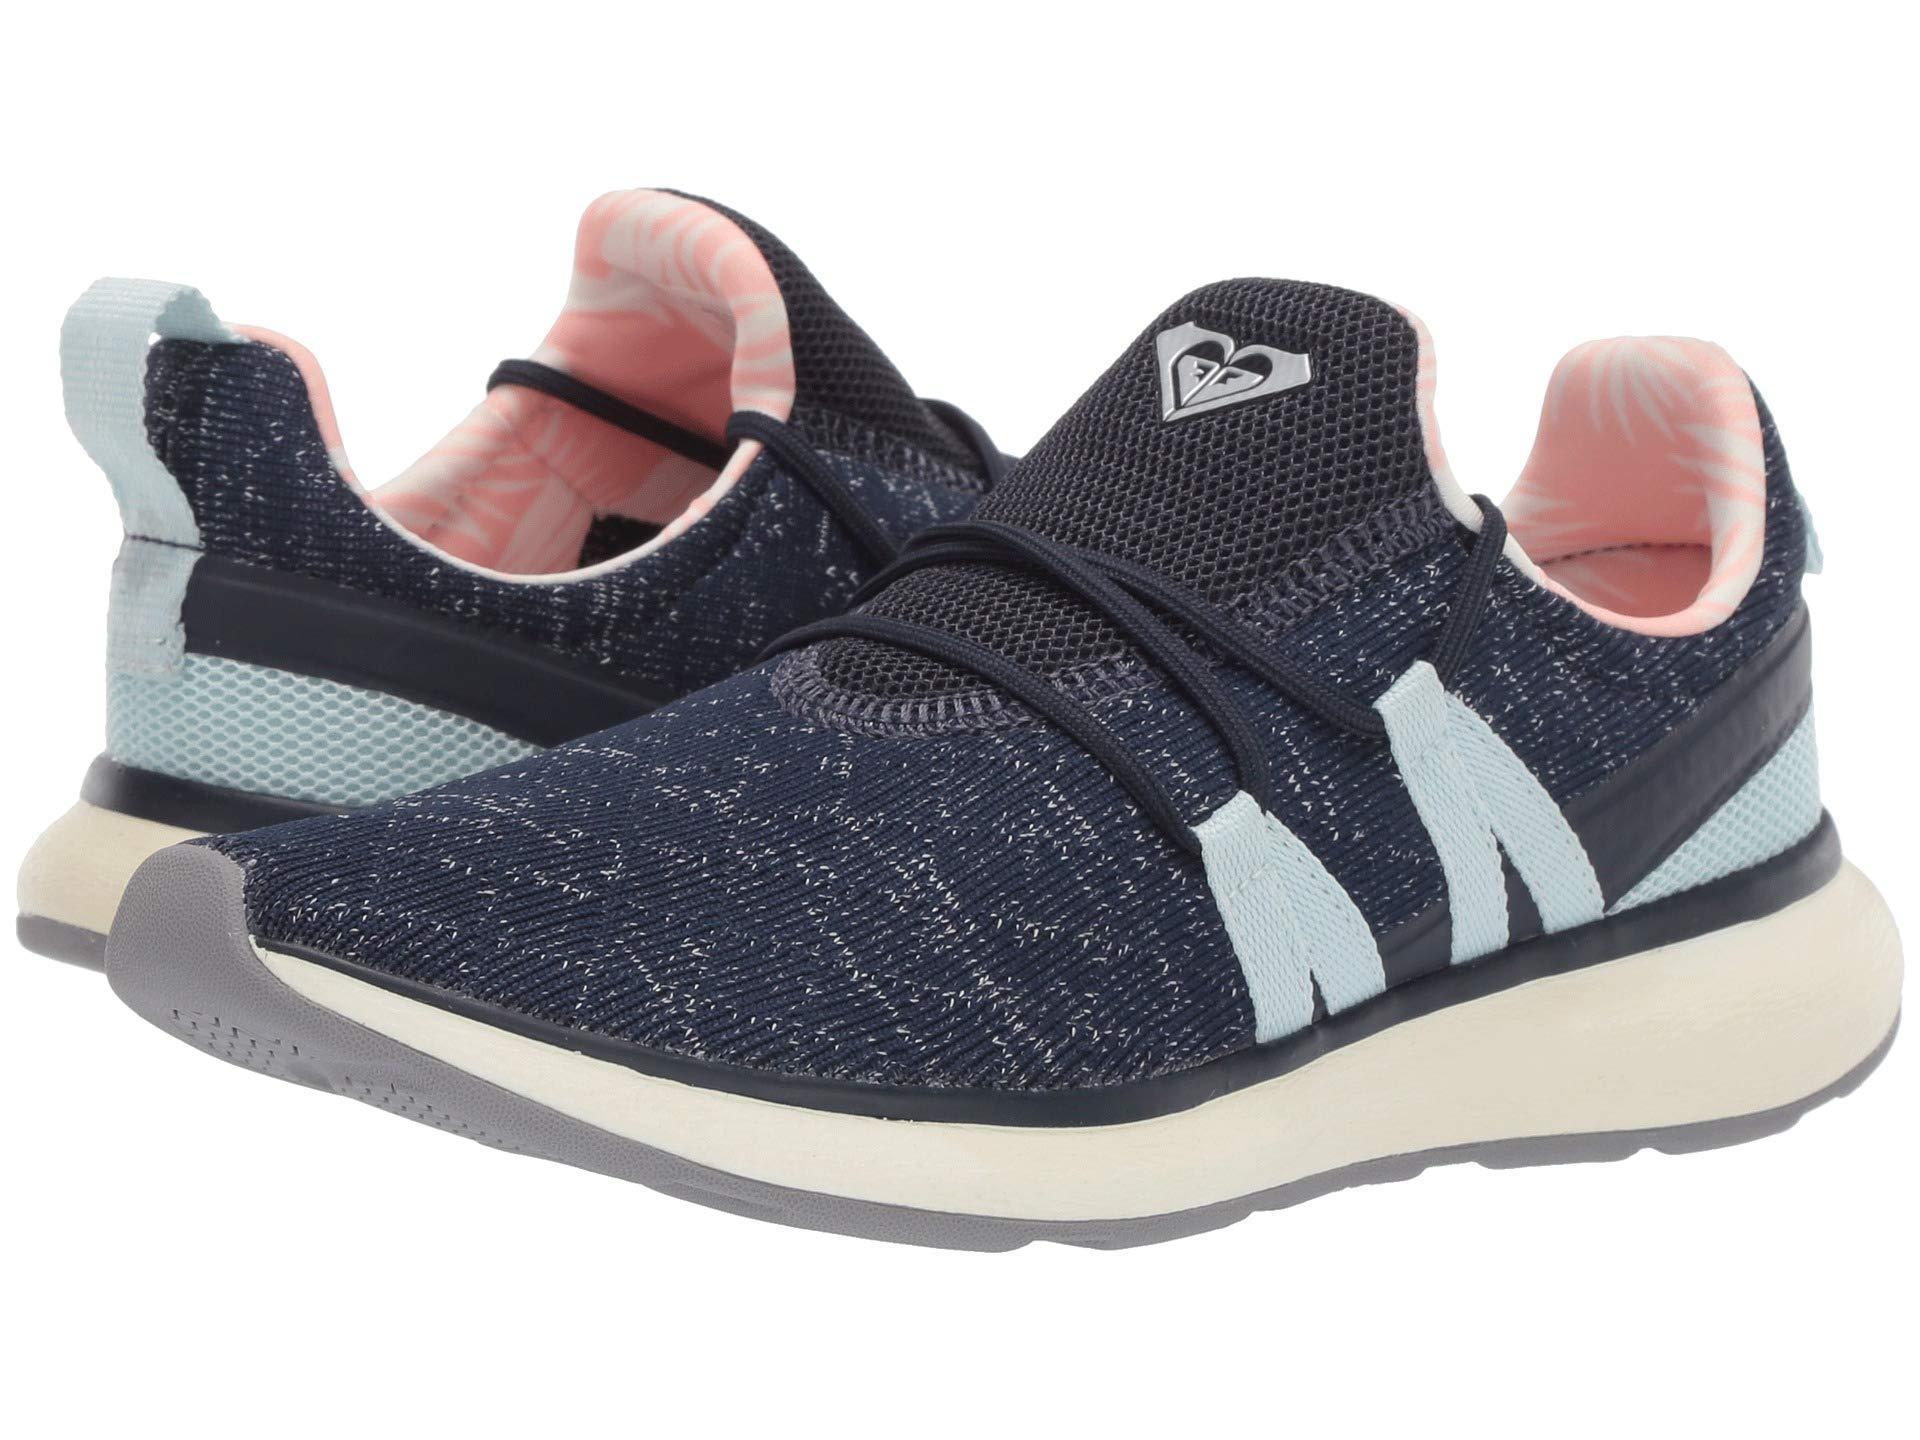 4cae1f66c8f9 Lyst - Roxy Set Seeker X (black grey) Women s Shoes in Blue - Save 1%